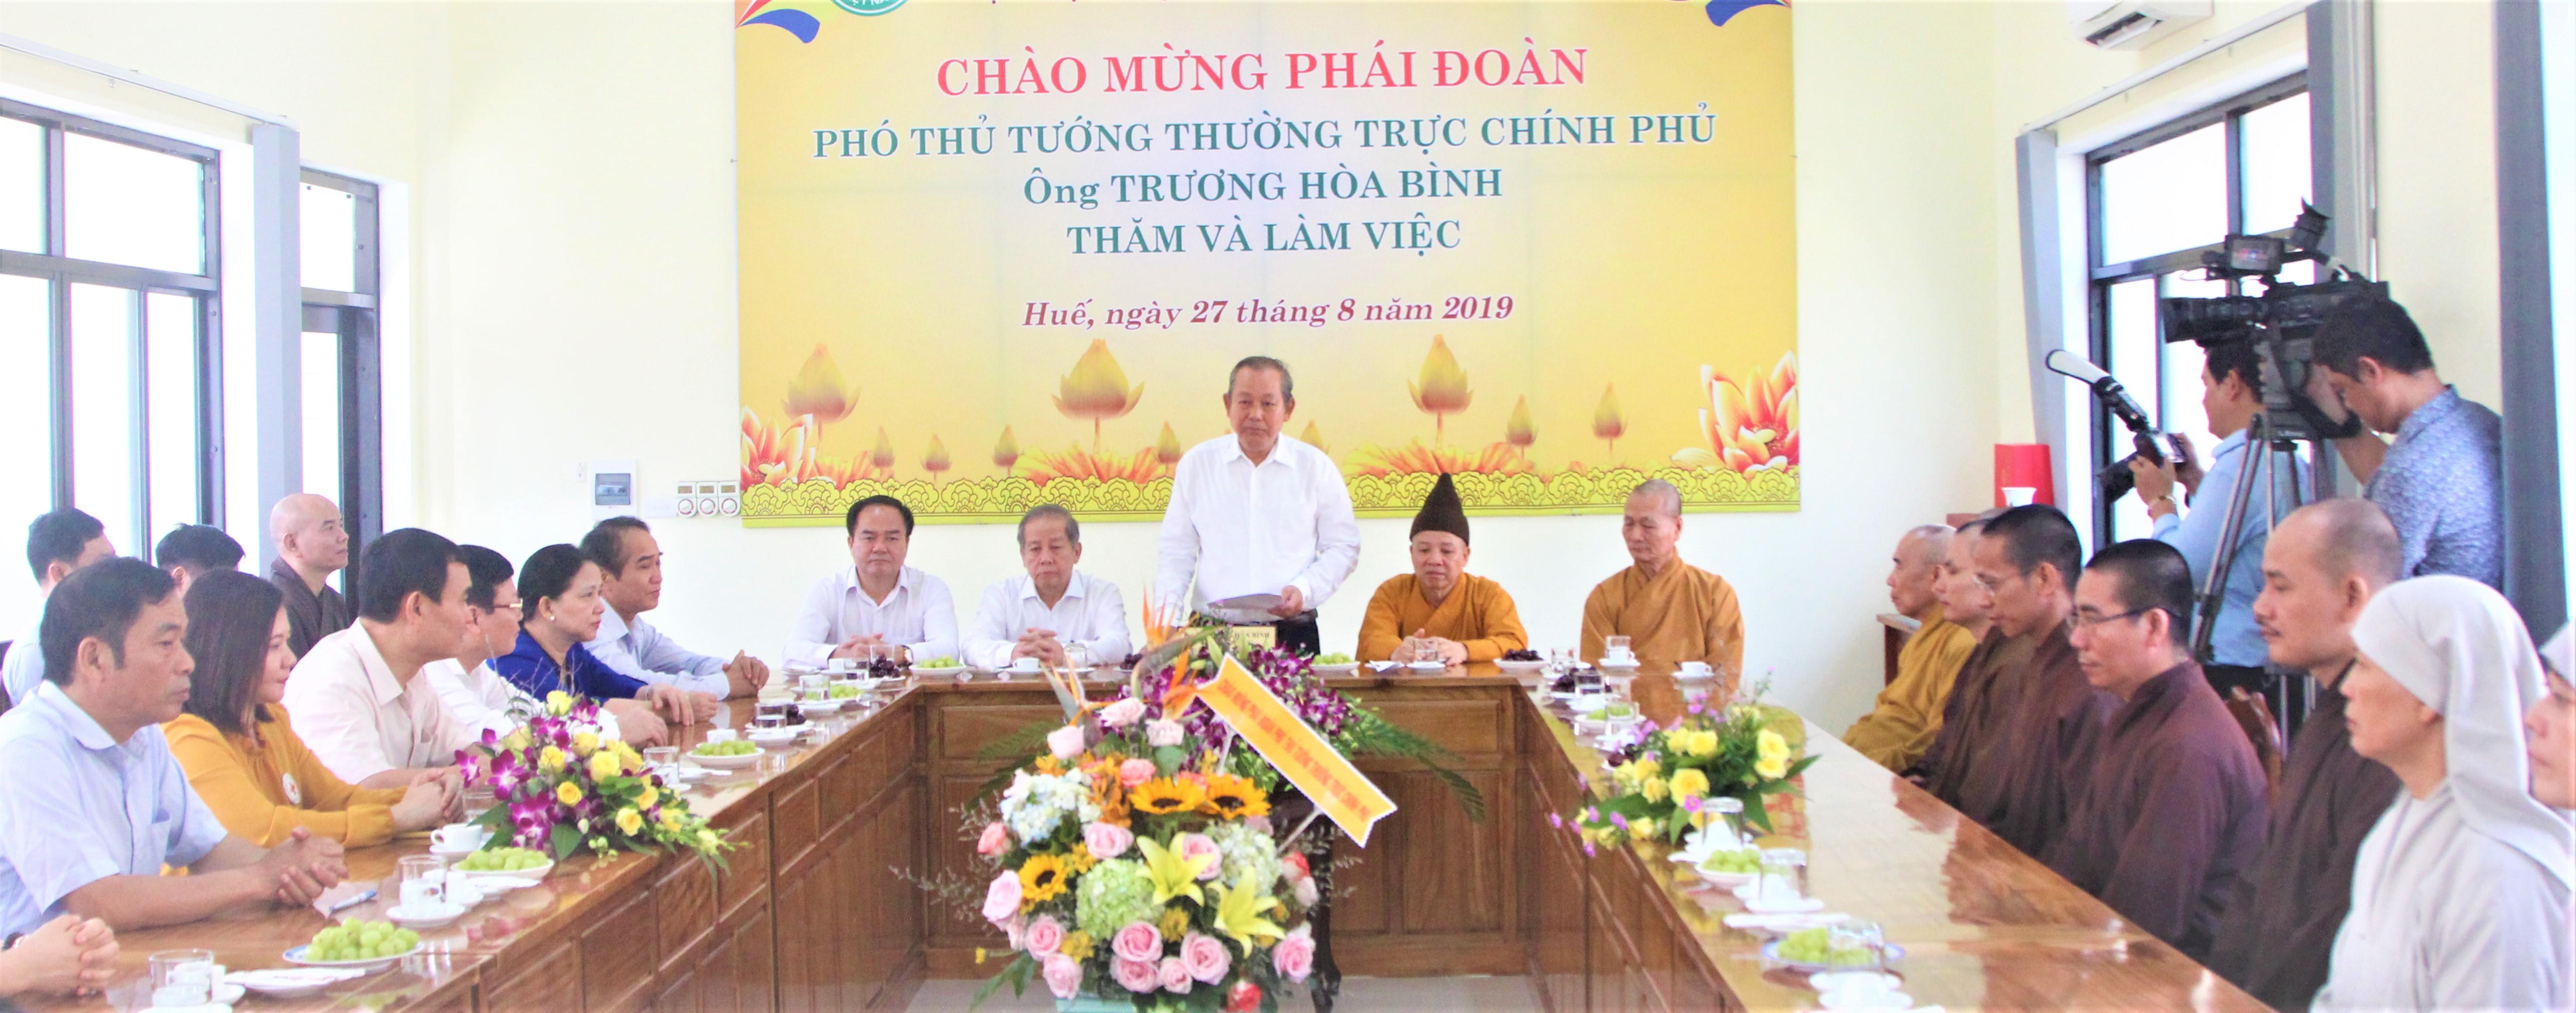 Phó Thủ tướng Thường trực Chính phủ thăm và làm việc với Học viện PGVN tại Huế